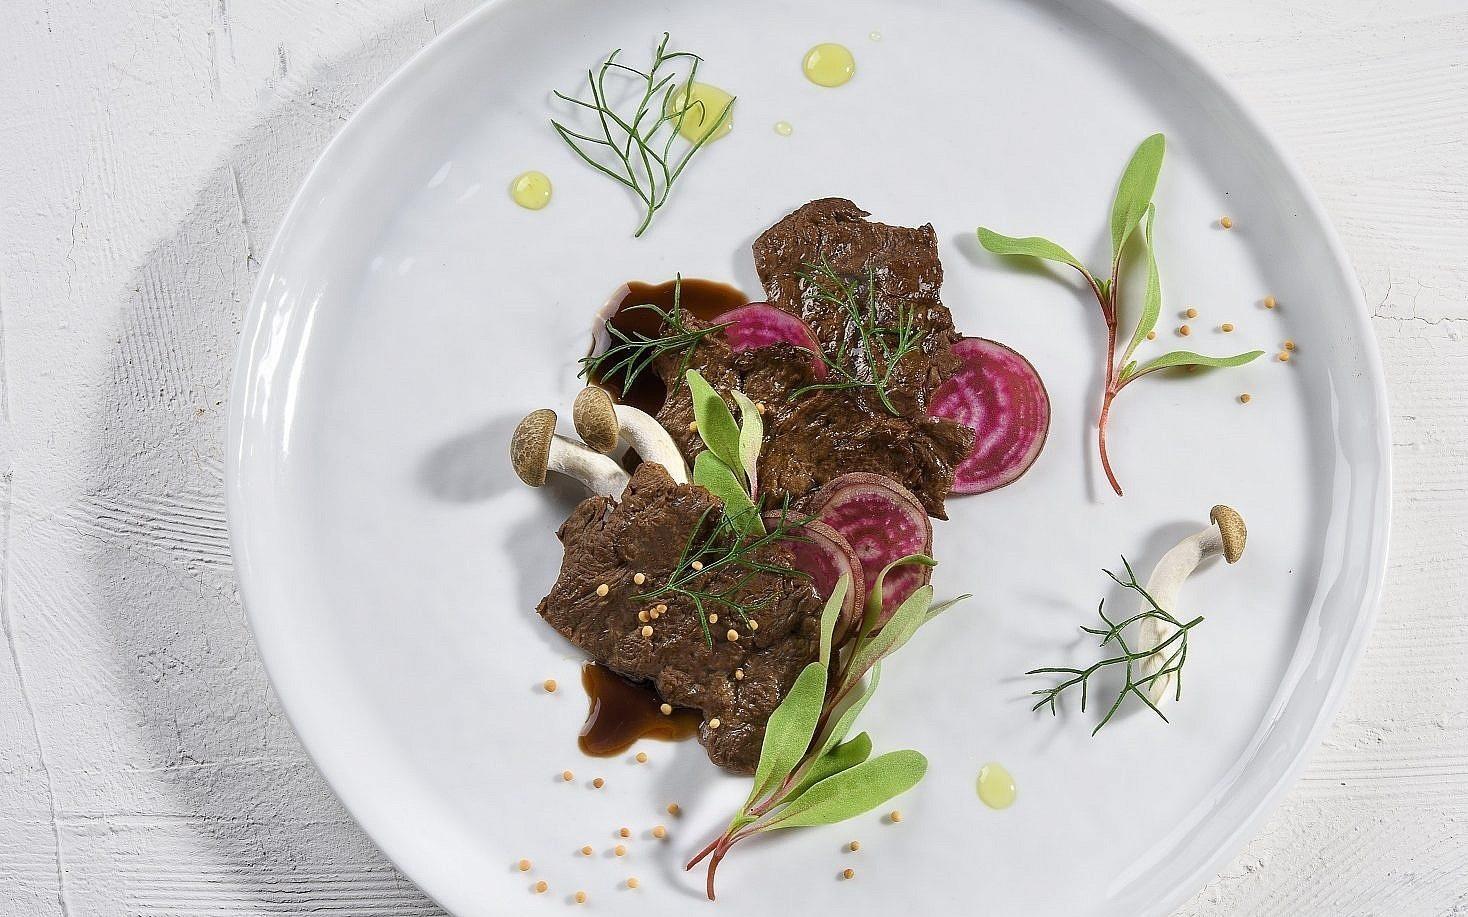 Một start-up tuyên bố làm được thịt bò nhân tạo giá 1,2 triệu đồng/miếng - Ảnh 1.